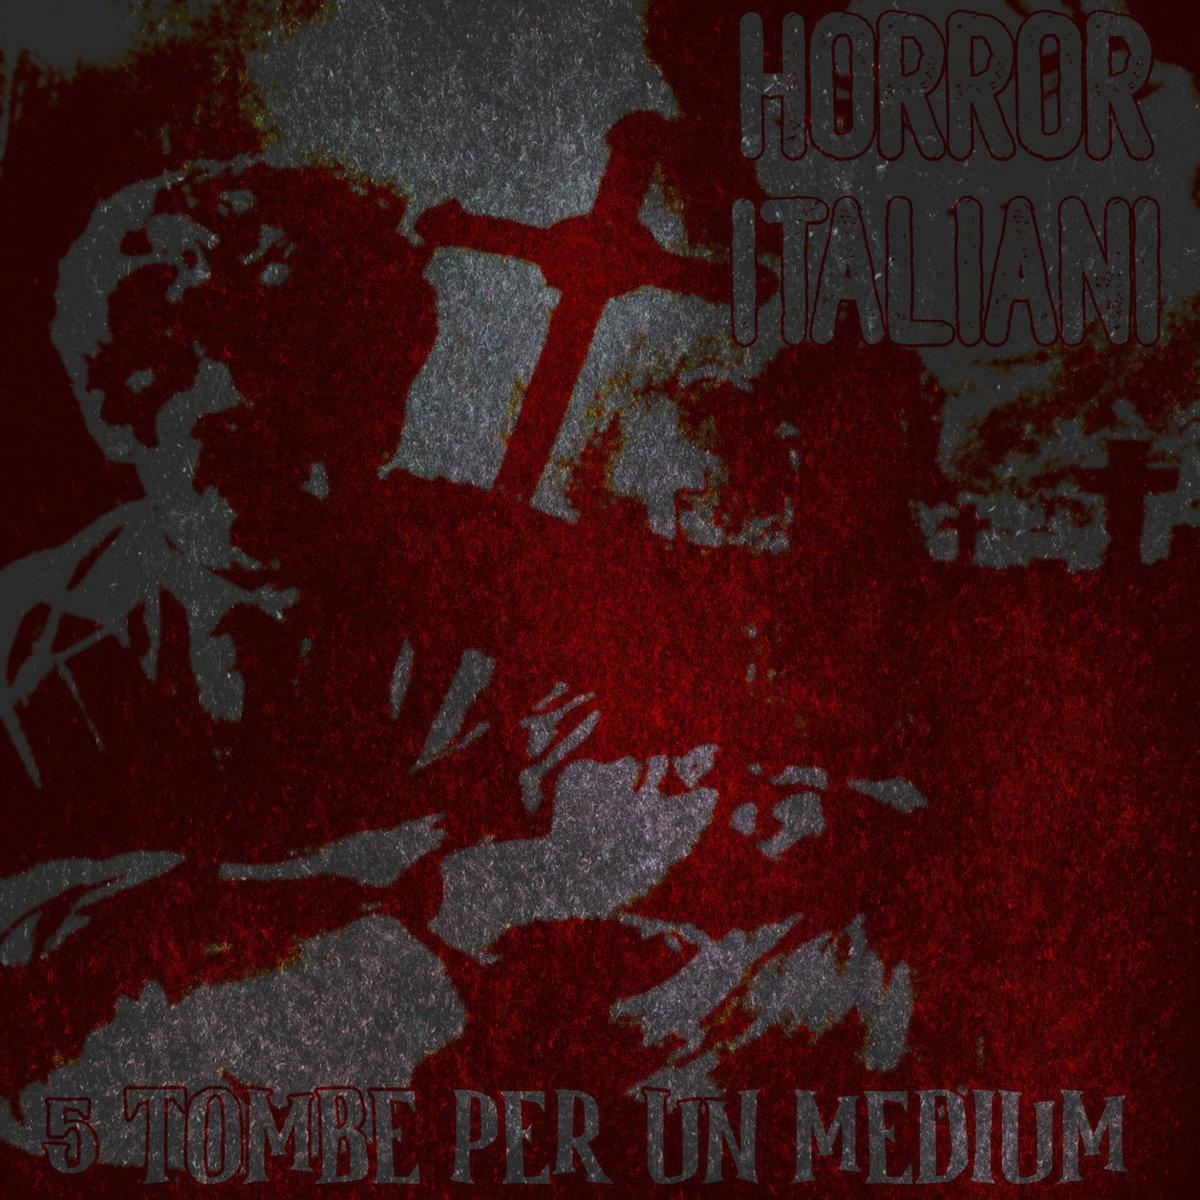 HORROR ITALIANI – 5 Tombe Per Un Medium